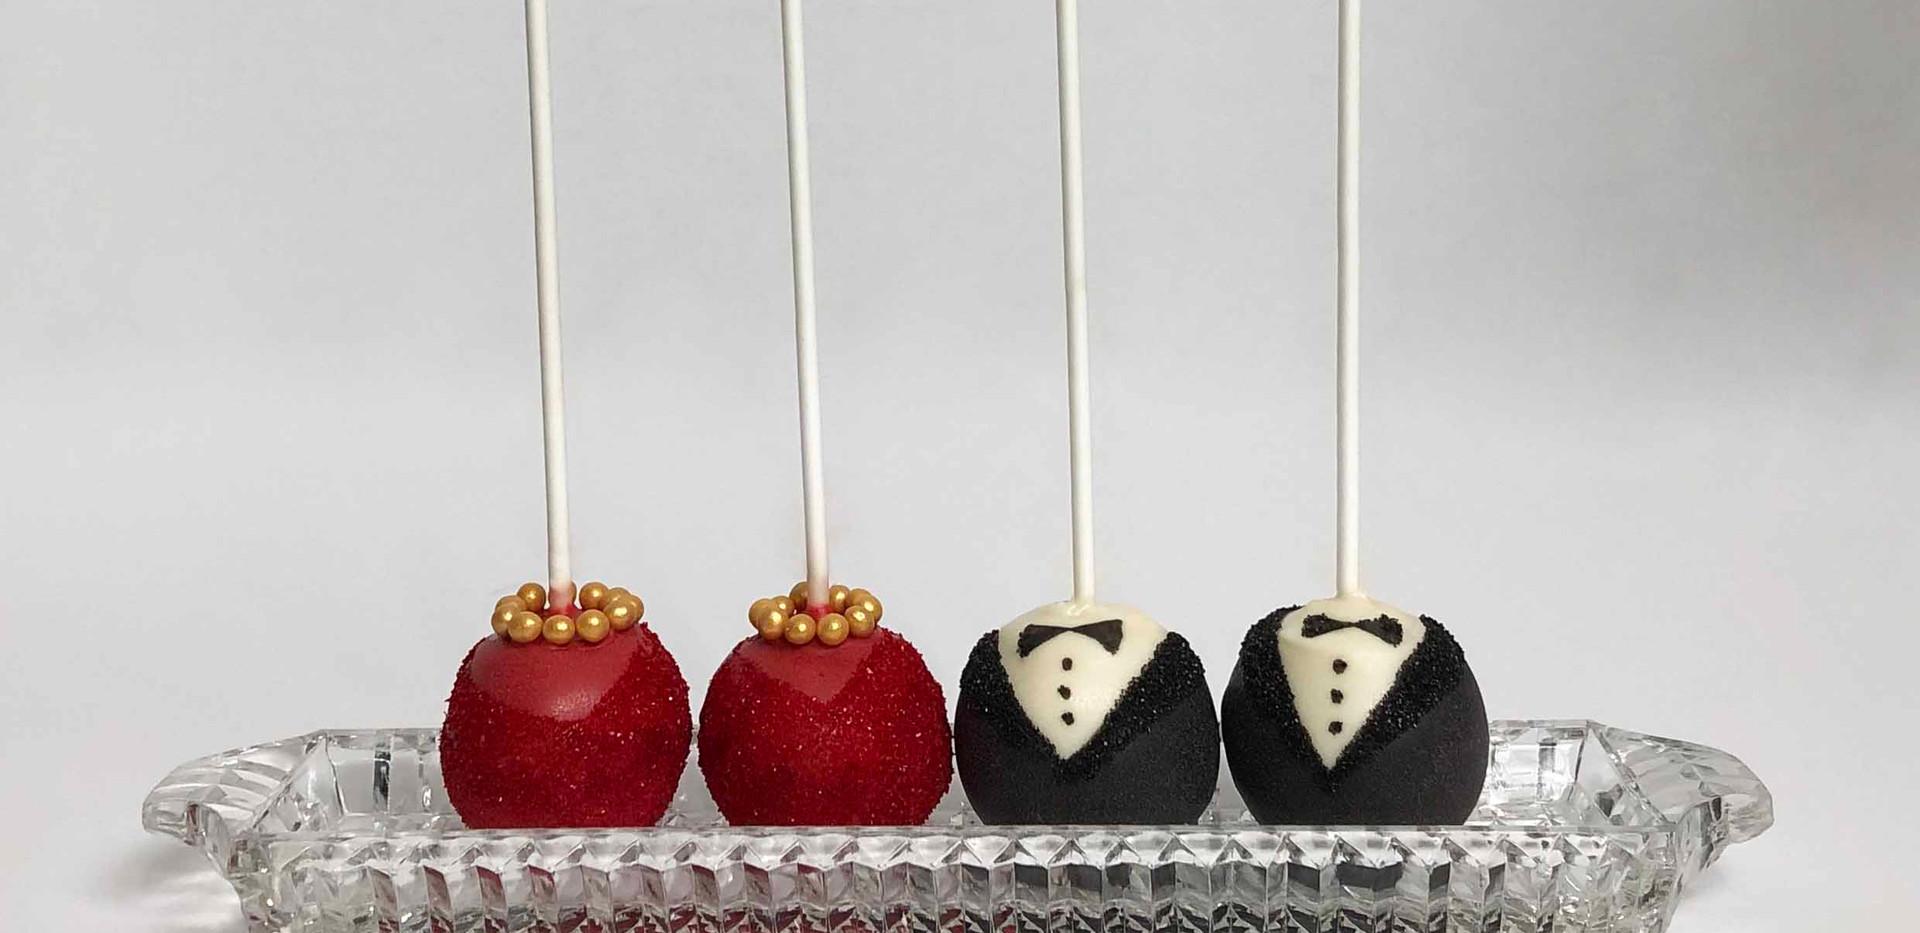 Desi Bride & Groom Pops Image 2 with Log